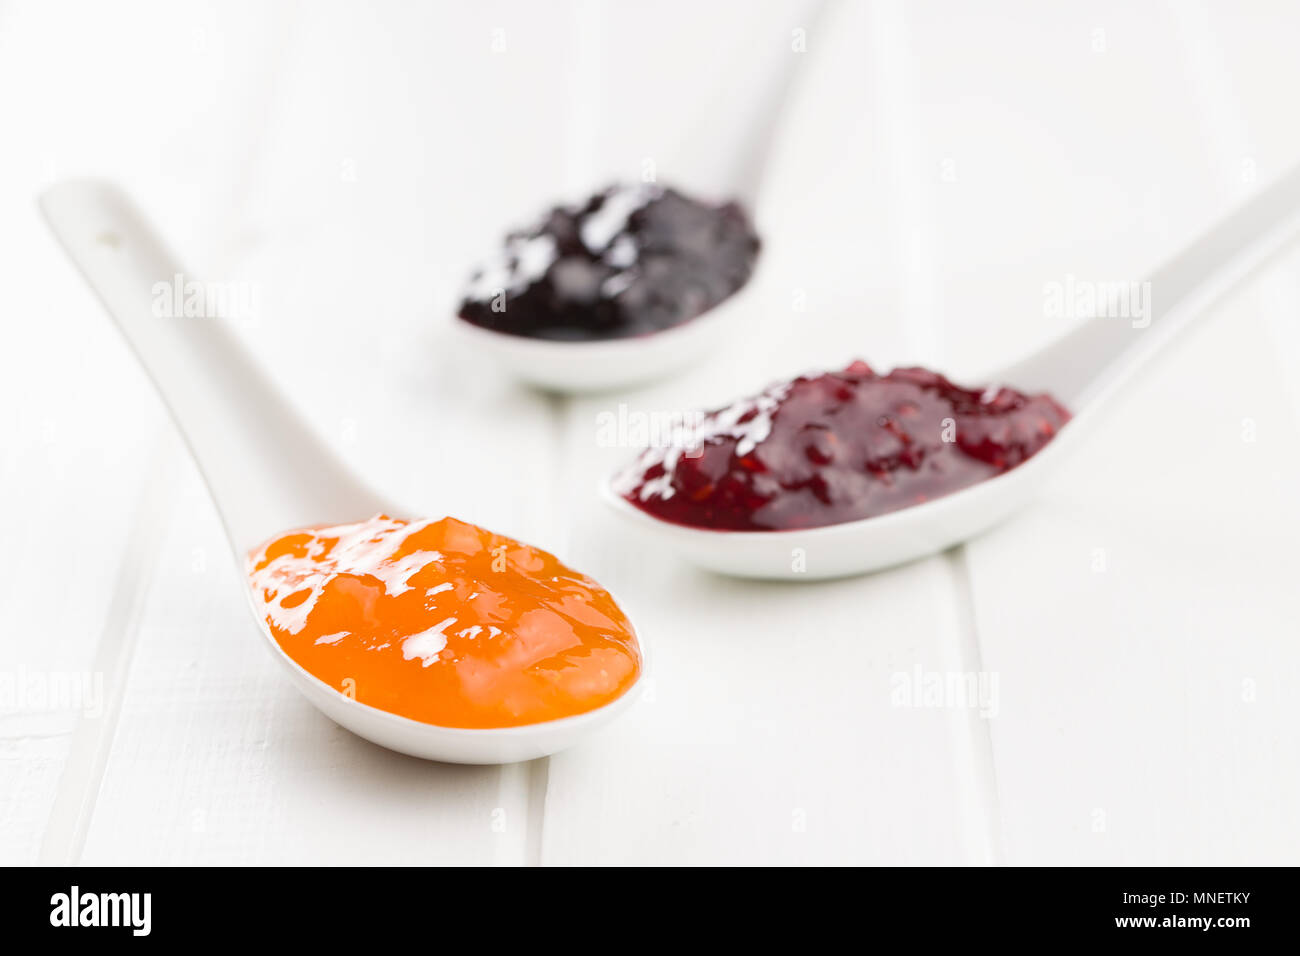 Tasty fruity jam in ceramic spoon. - Stock Image